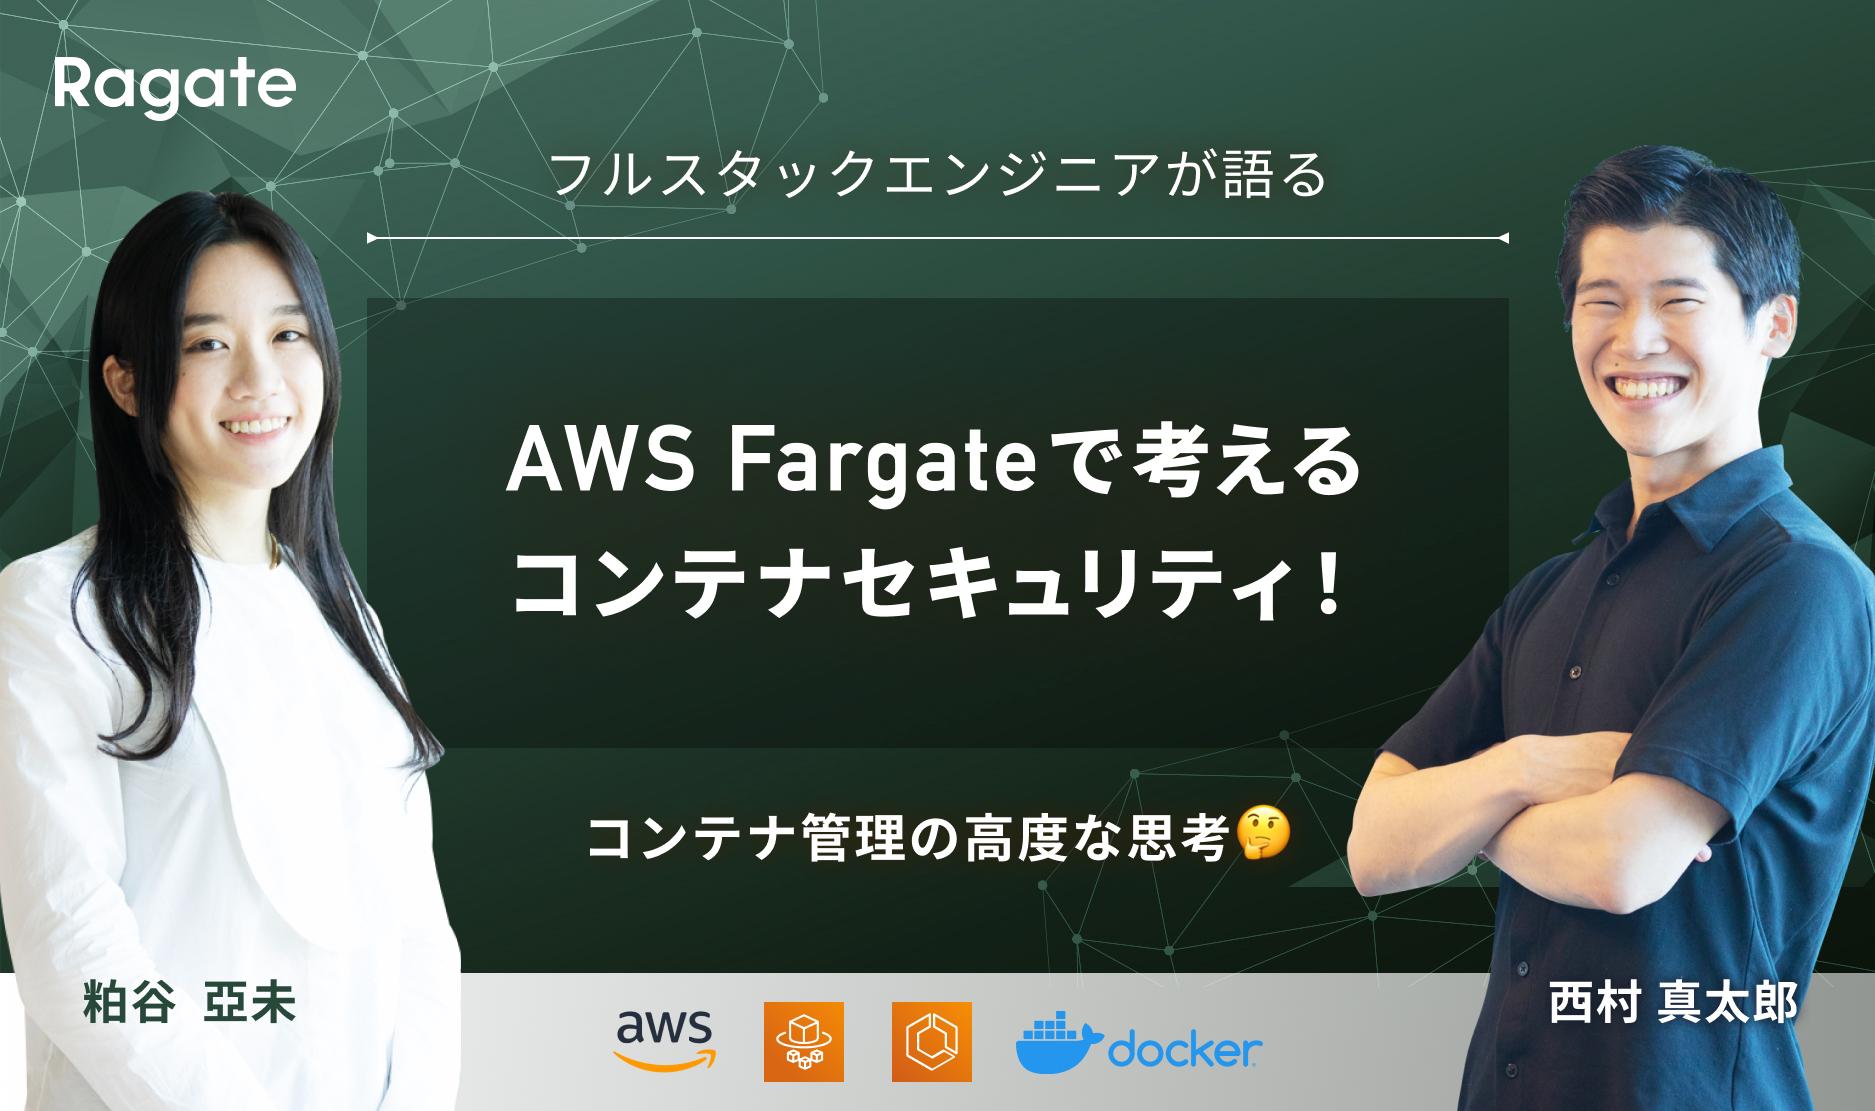 AWS Fargateで考えるコンテナセキュリティ!コンテナ管理の高度な思考🤔